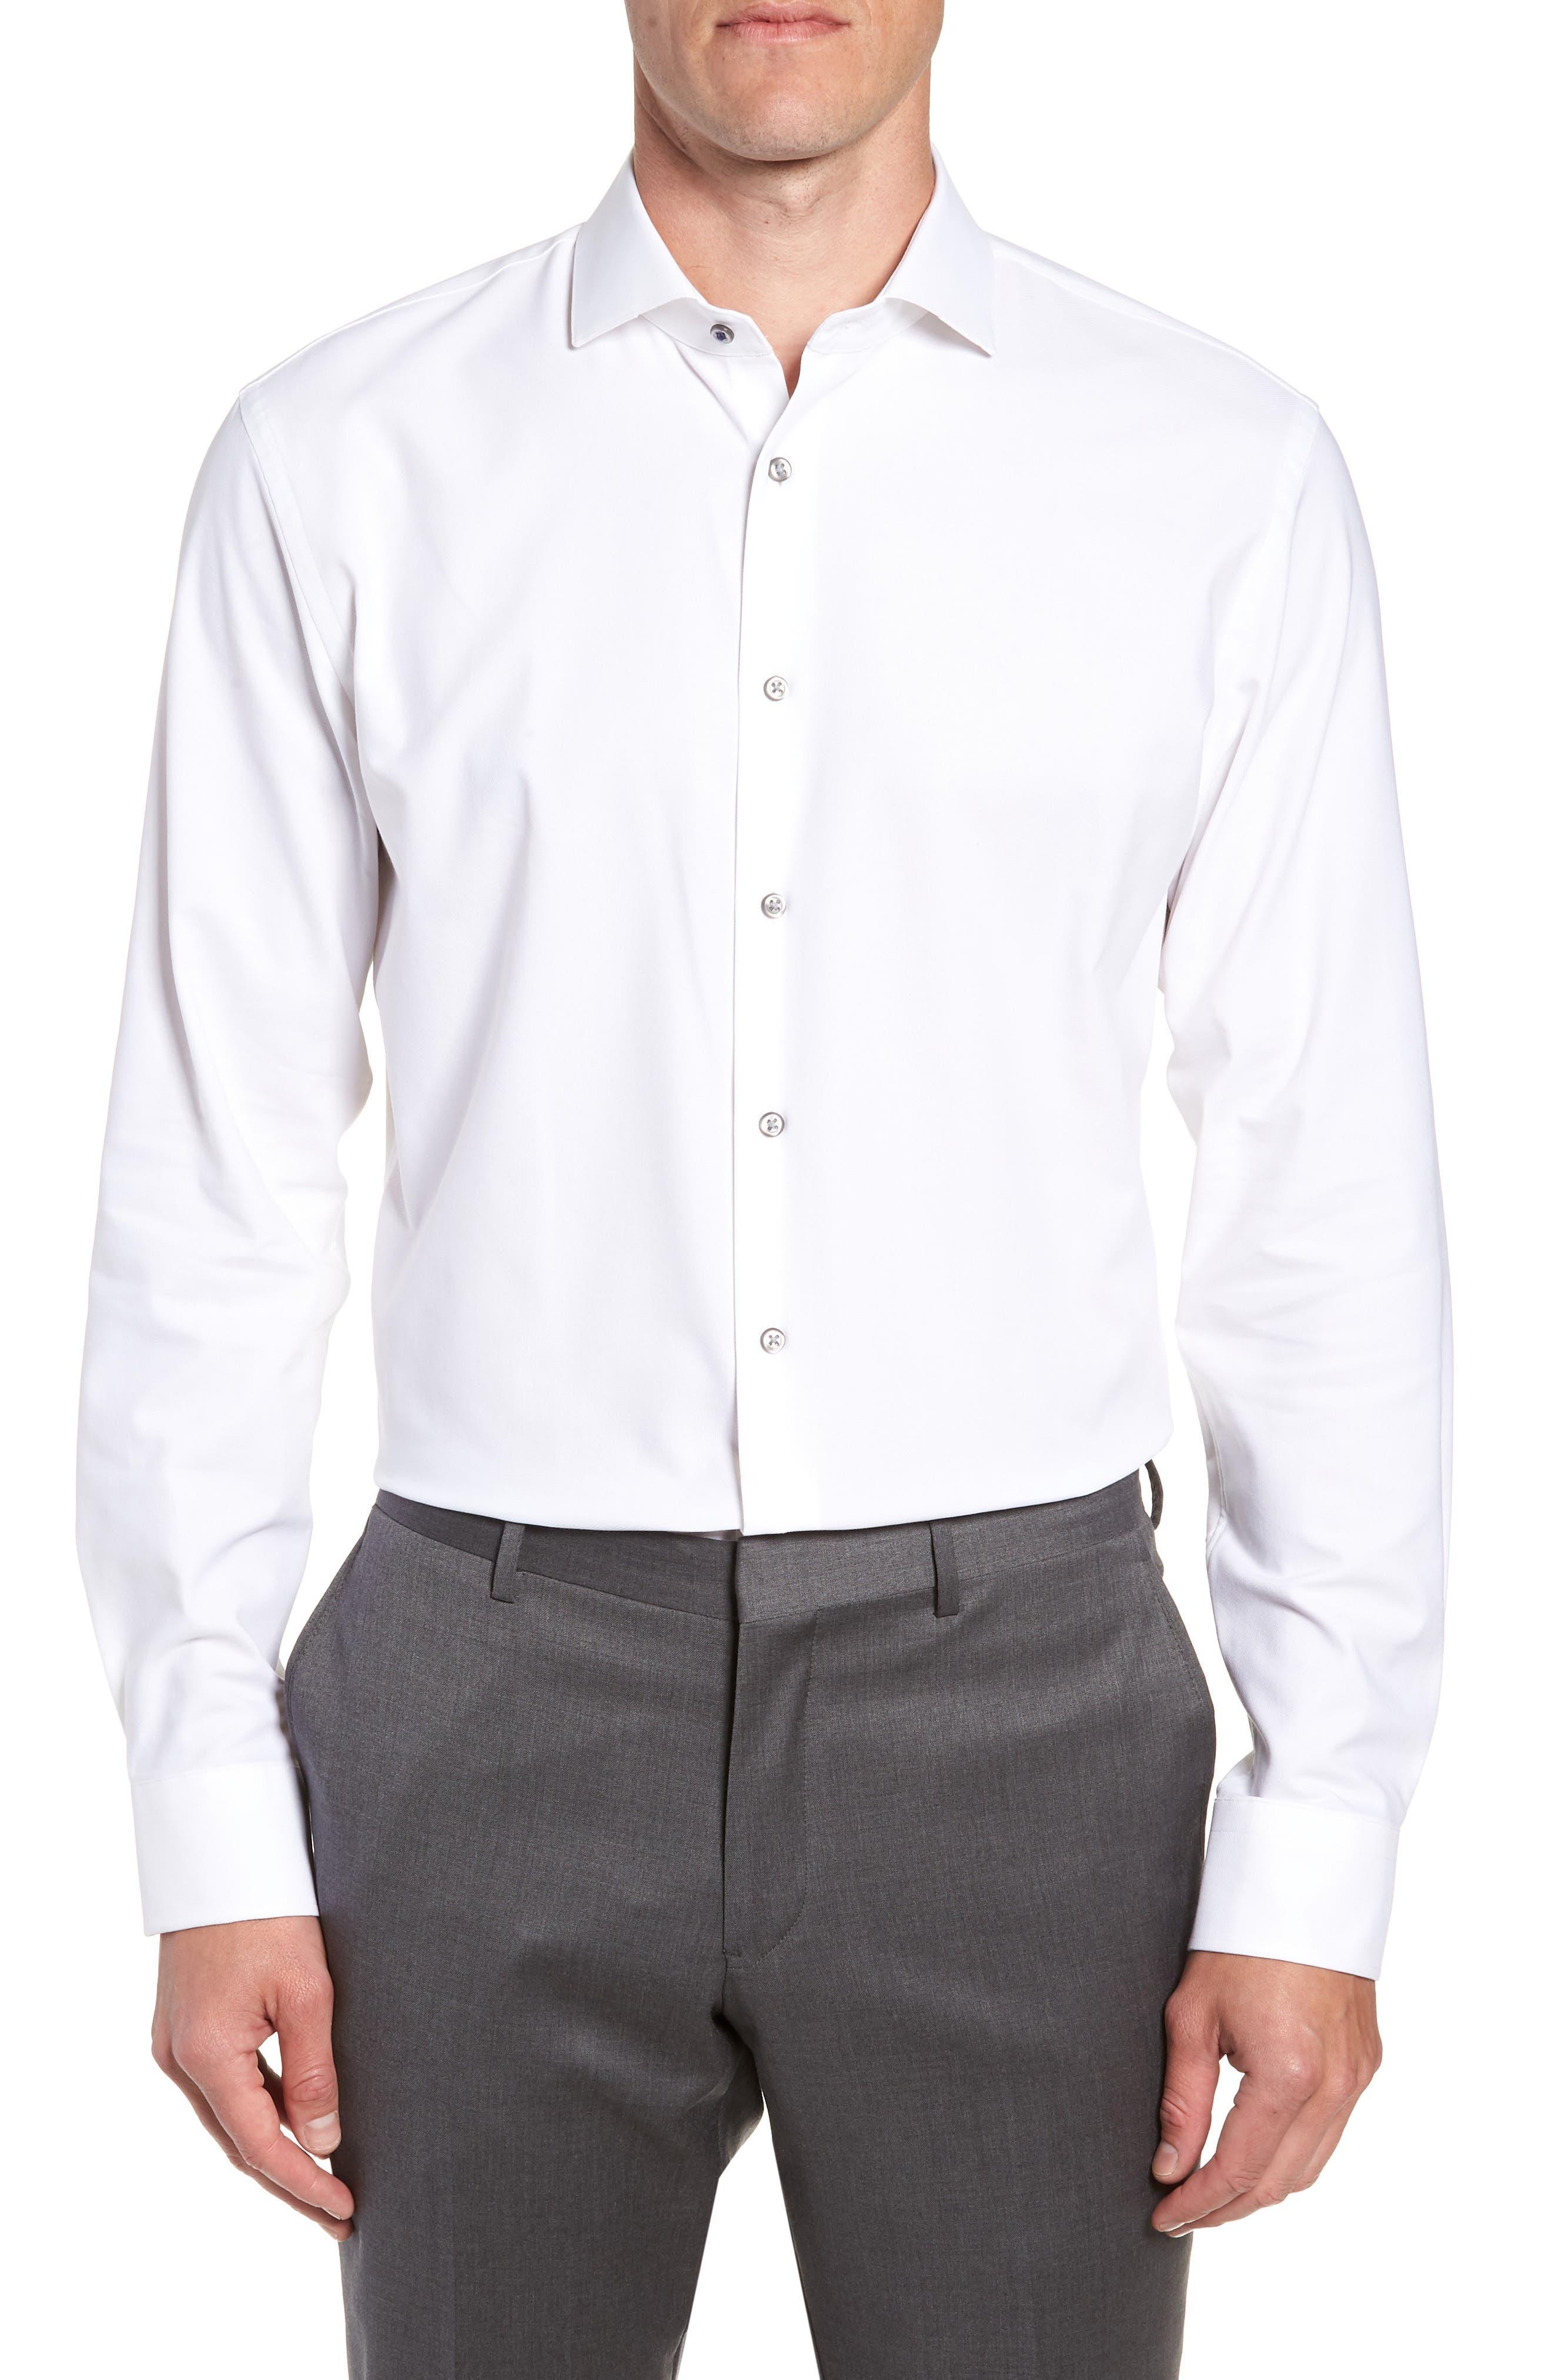 Tech-Smart Trim Fit Stretch Texture Dress Shirt,                             Main thumbnail 1, color,                             WHITE